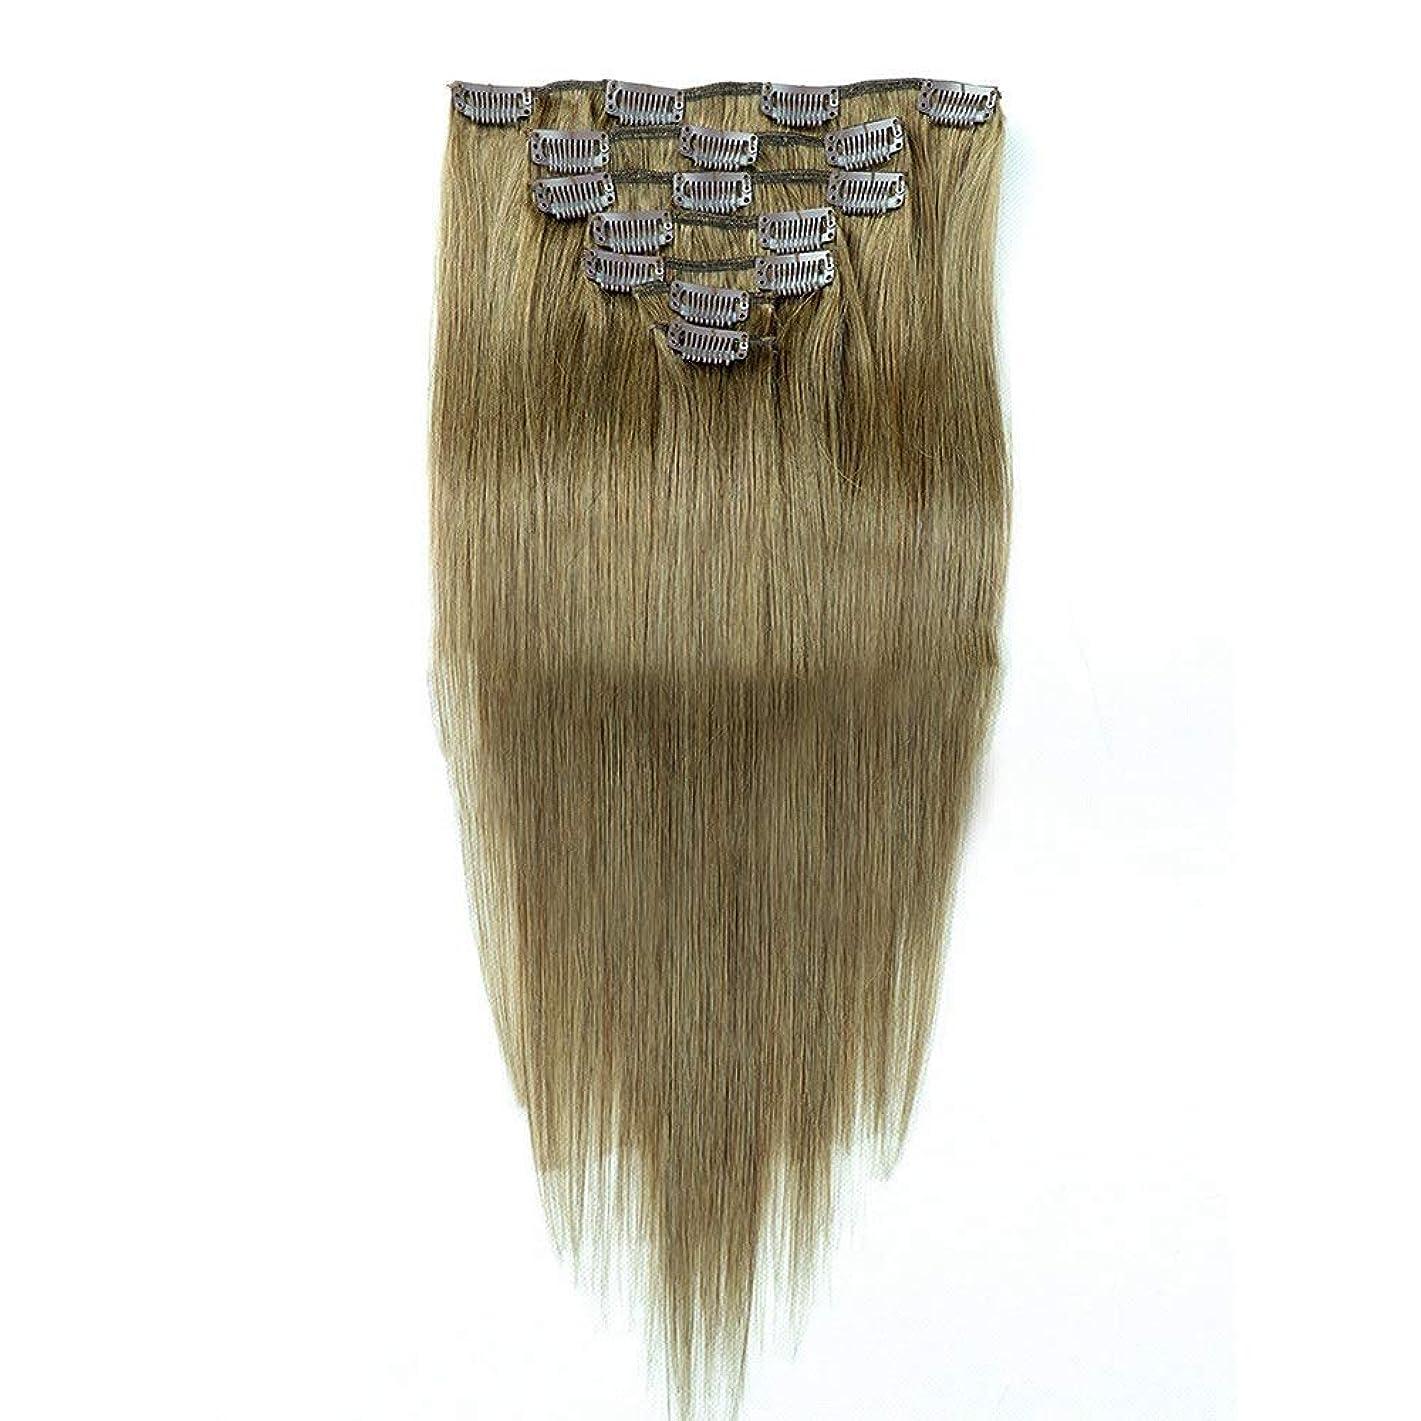 ハンマーステップ底YESONEEP 自然な女性のためのヘアエクステンション20インチリアルヒューマンヘアクリップ(7個、20インチ、70g)ファッションウィッグ (色 : #8)